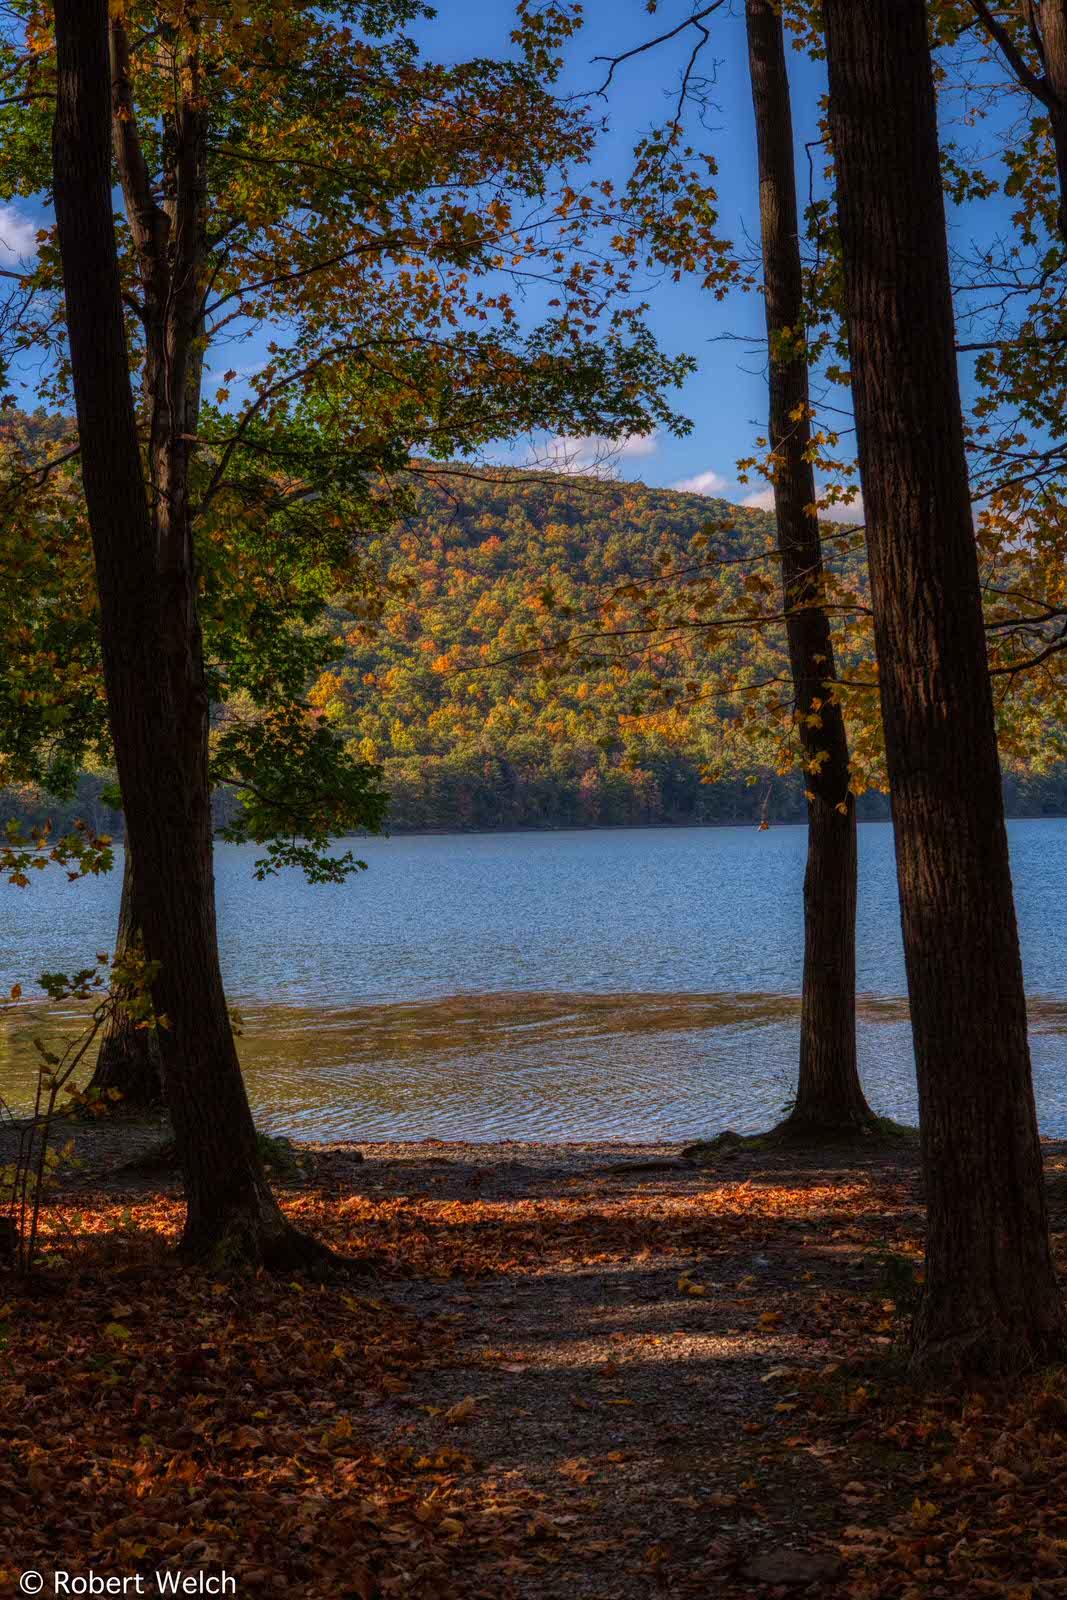 Land Robert Welch Photo